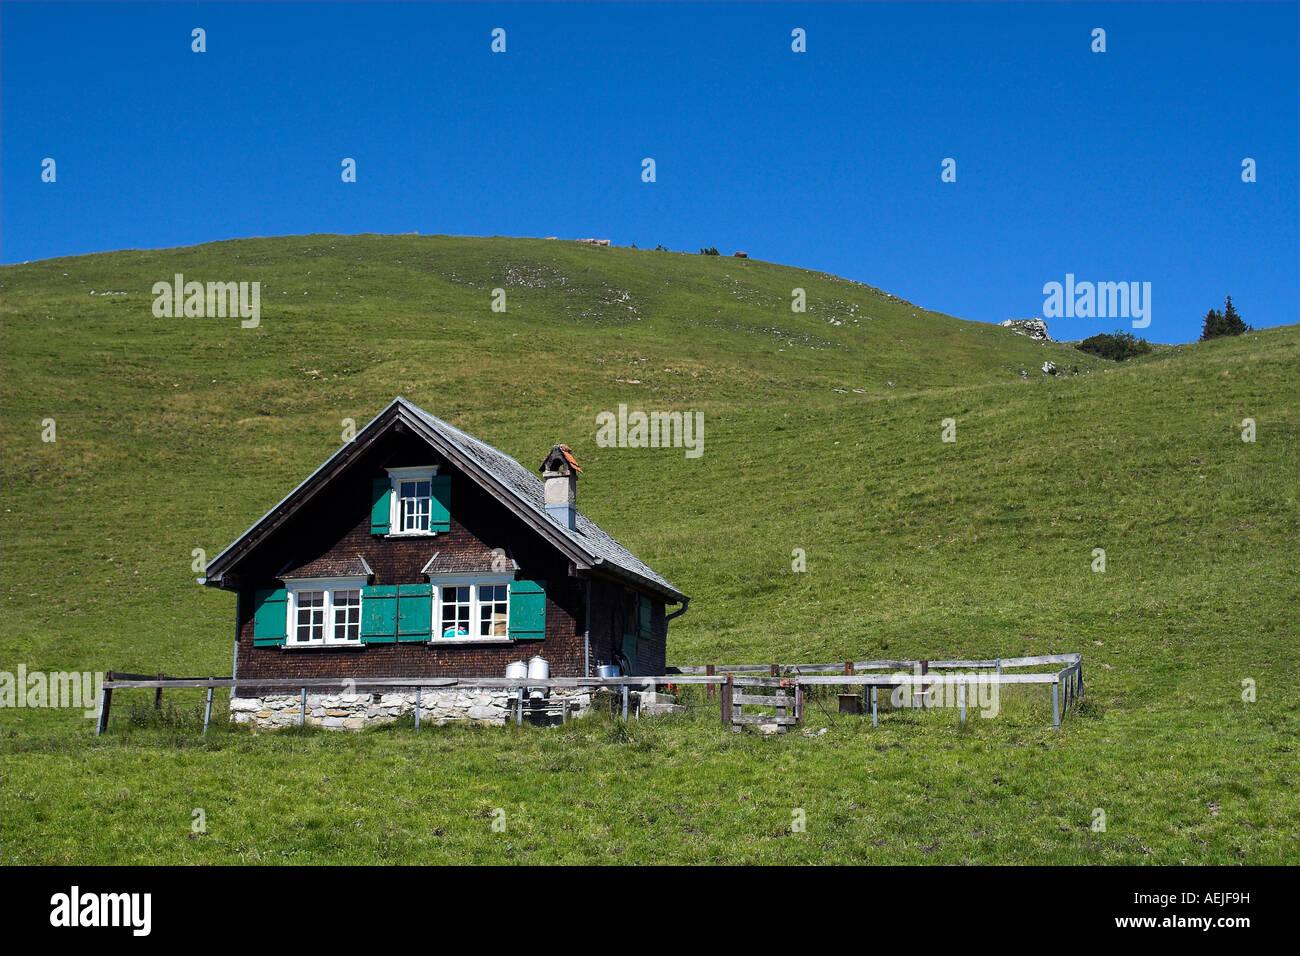 Hütte im Alpsteingebirge, Kanton Appenzell, Schweiz Stockbild